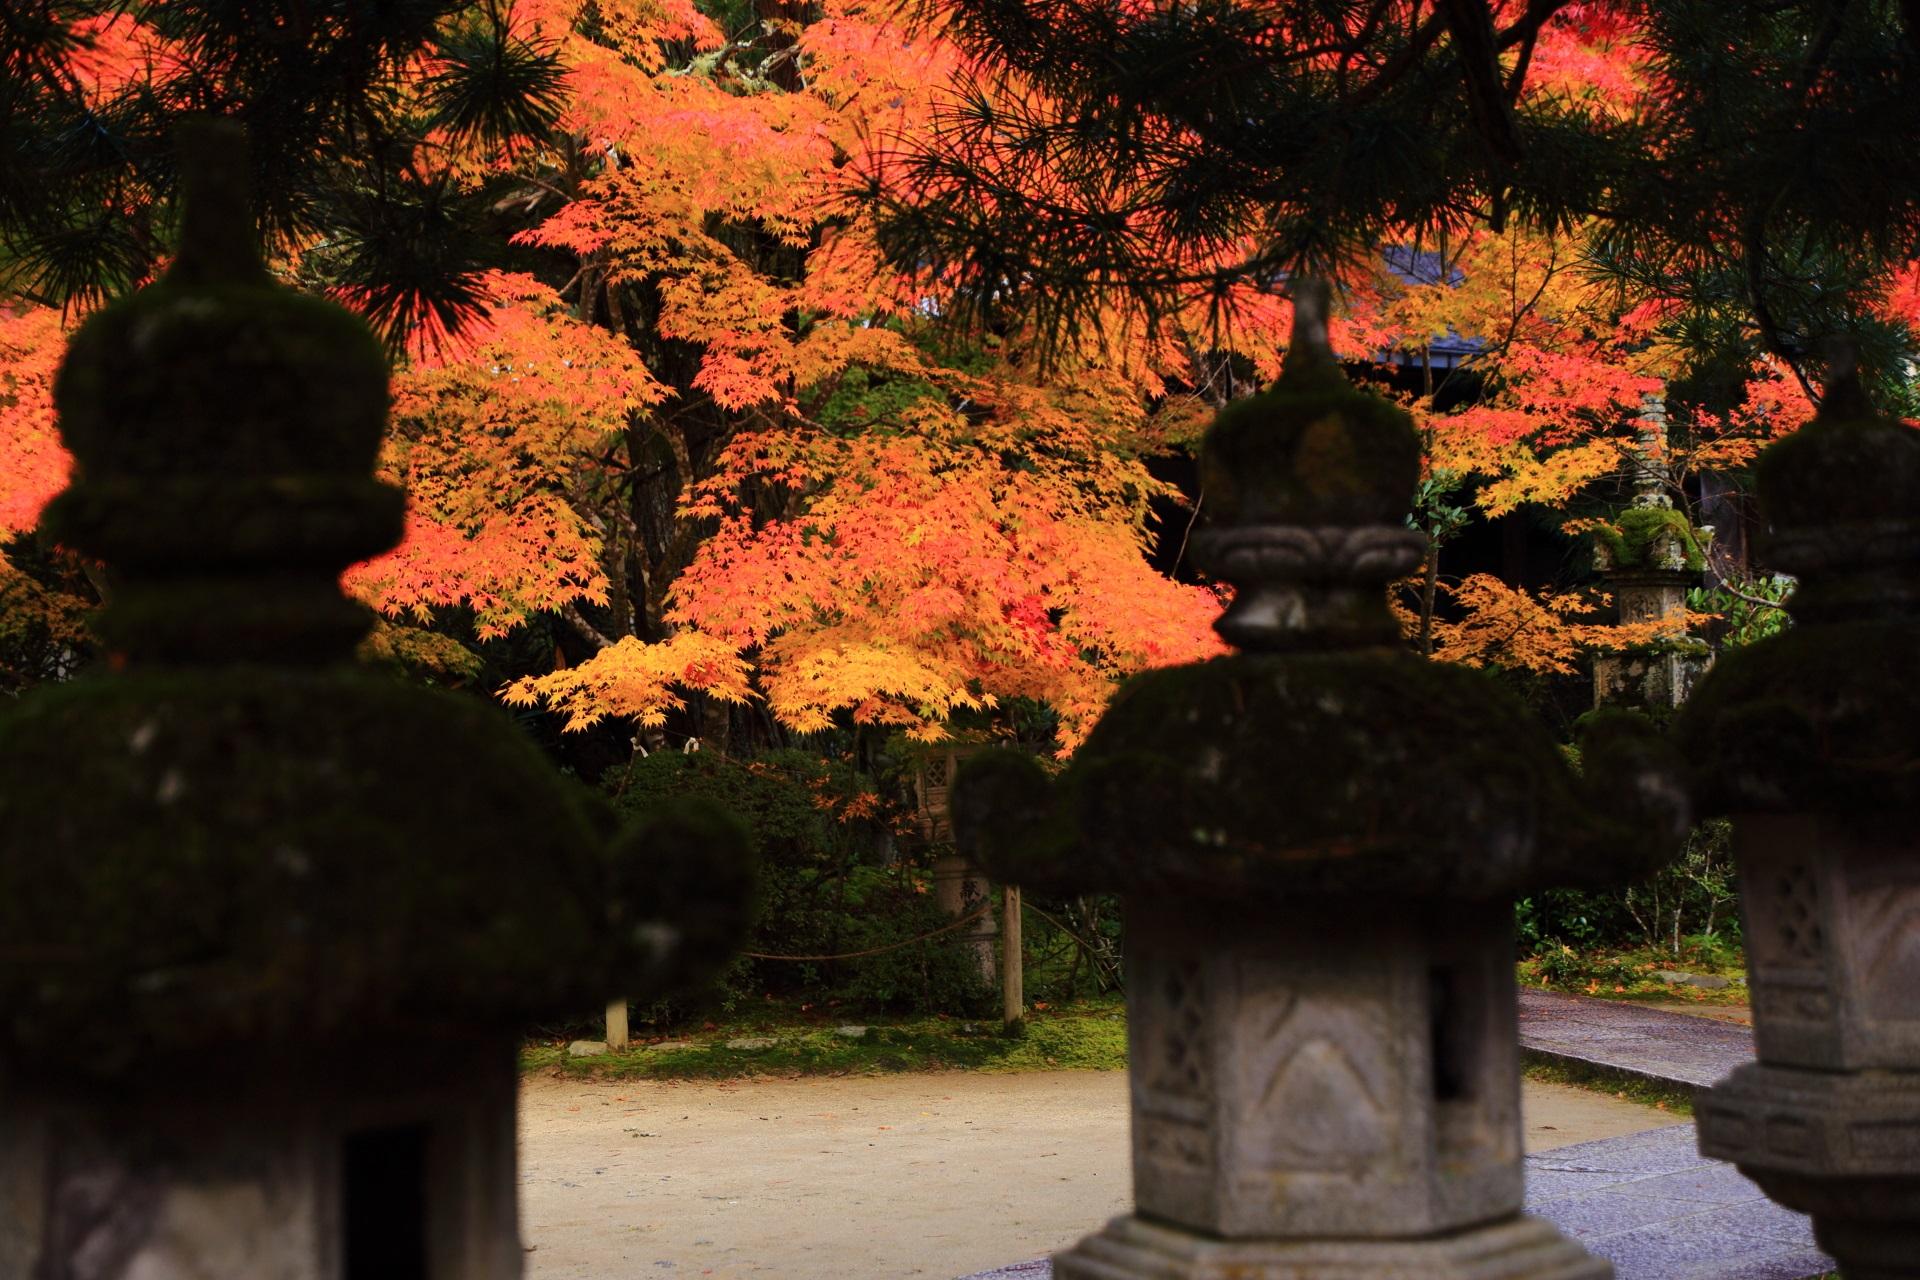 燈籠越しに眺めた紅葉